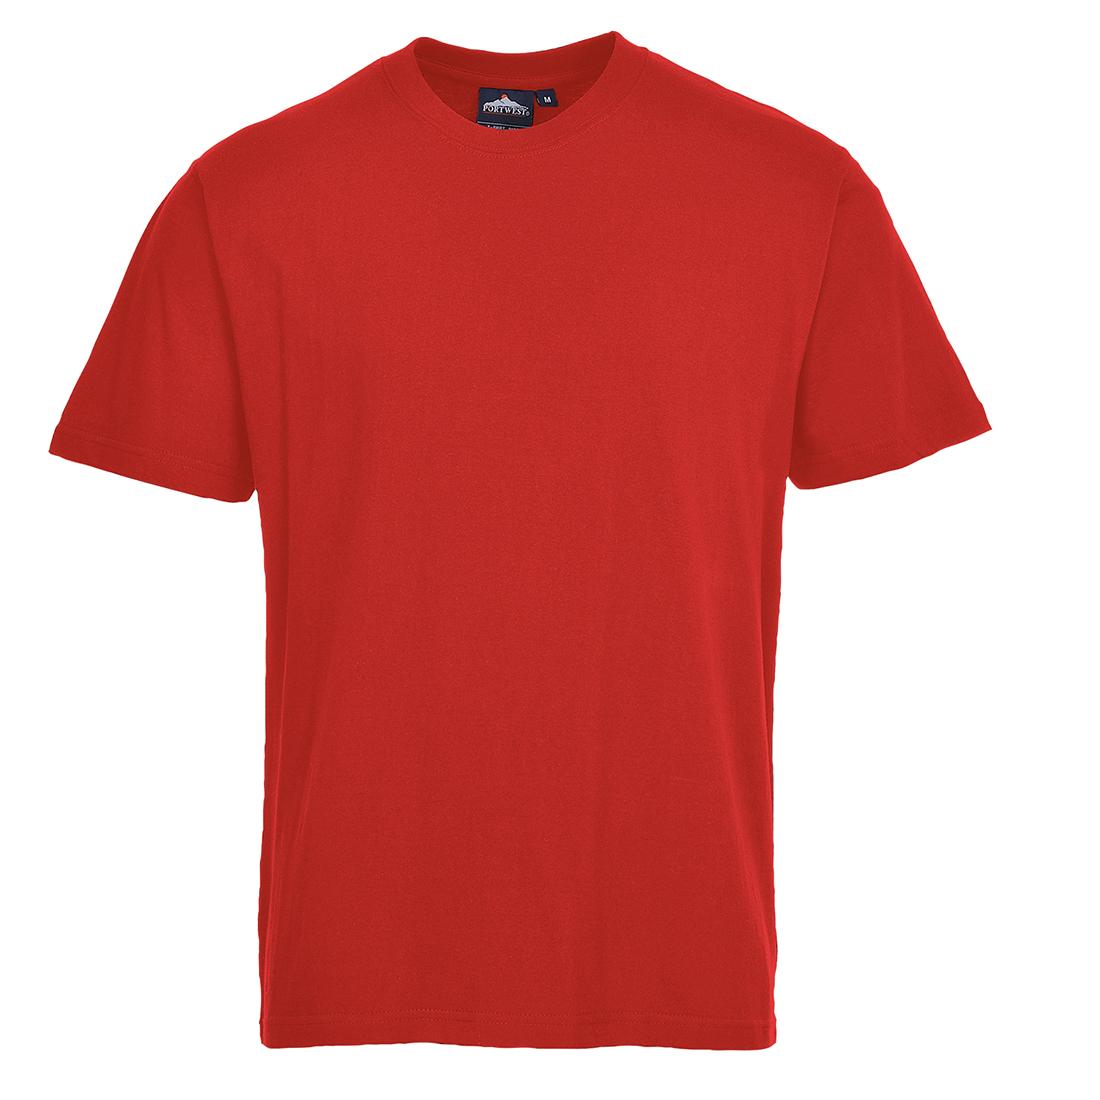 Turin Premium T-Shirt Red XLR